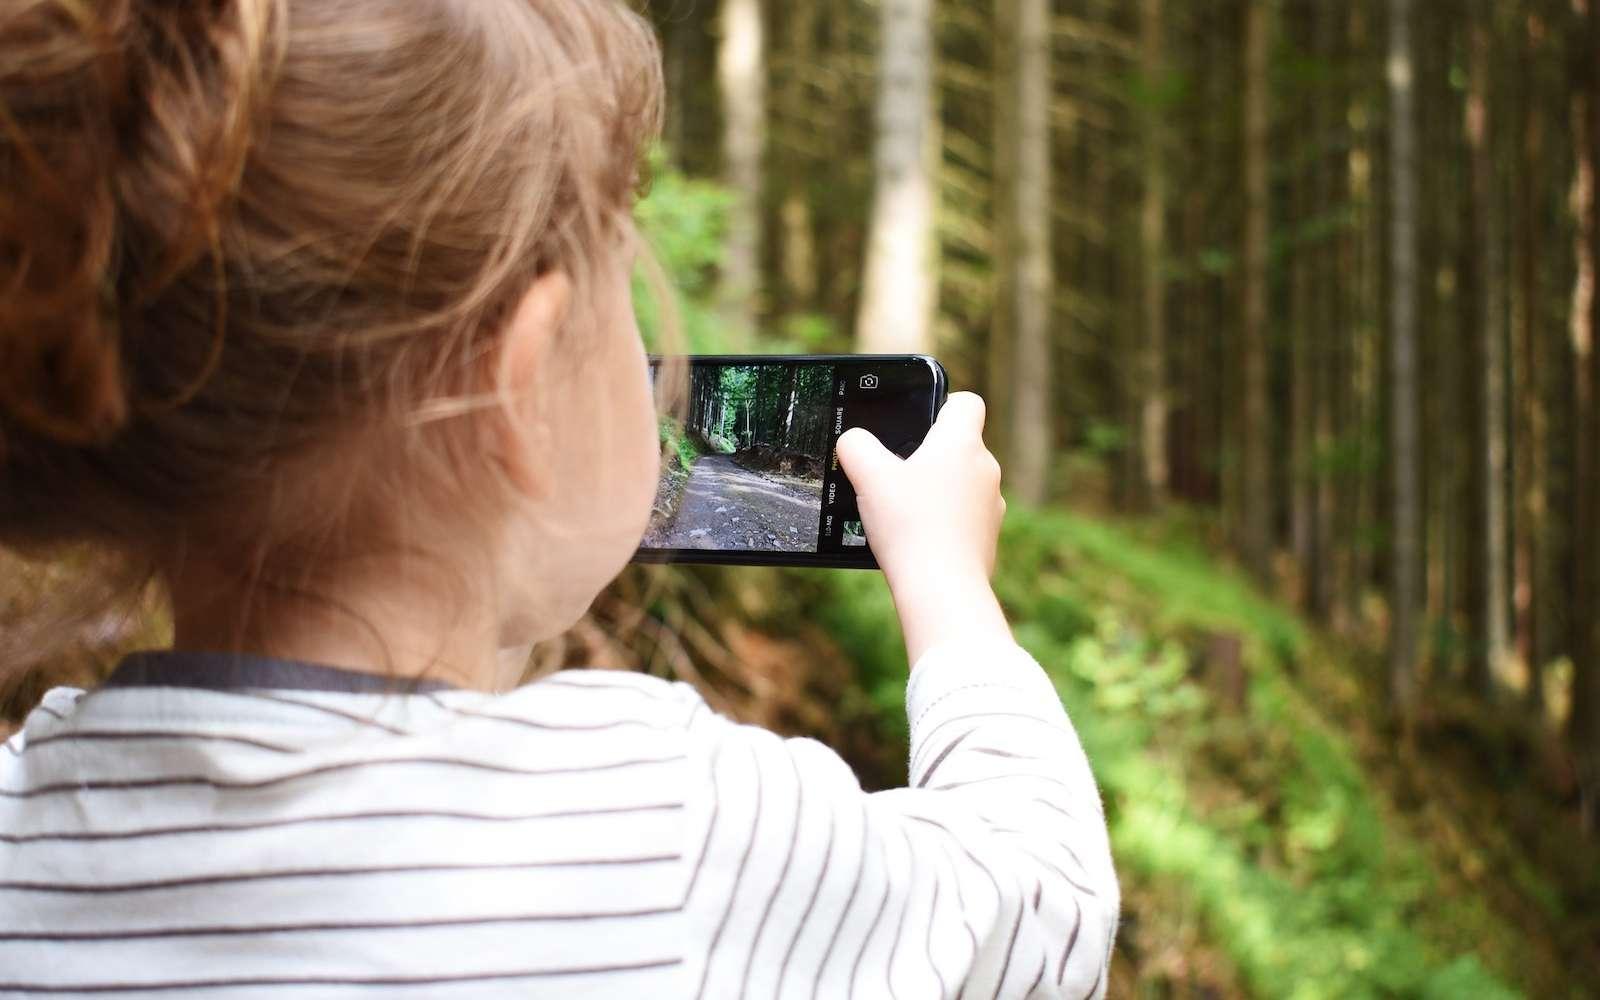 Photos, vidéos, contacts, historique... Spyzie surveille en temps réel l'activité de votre enfant sur son smartphone. © Anviere, Pixabay